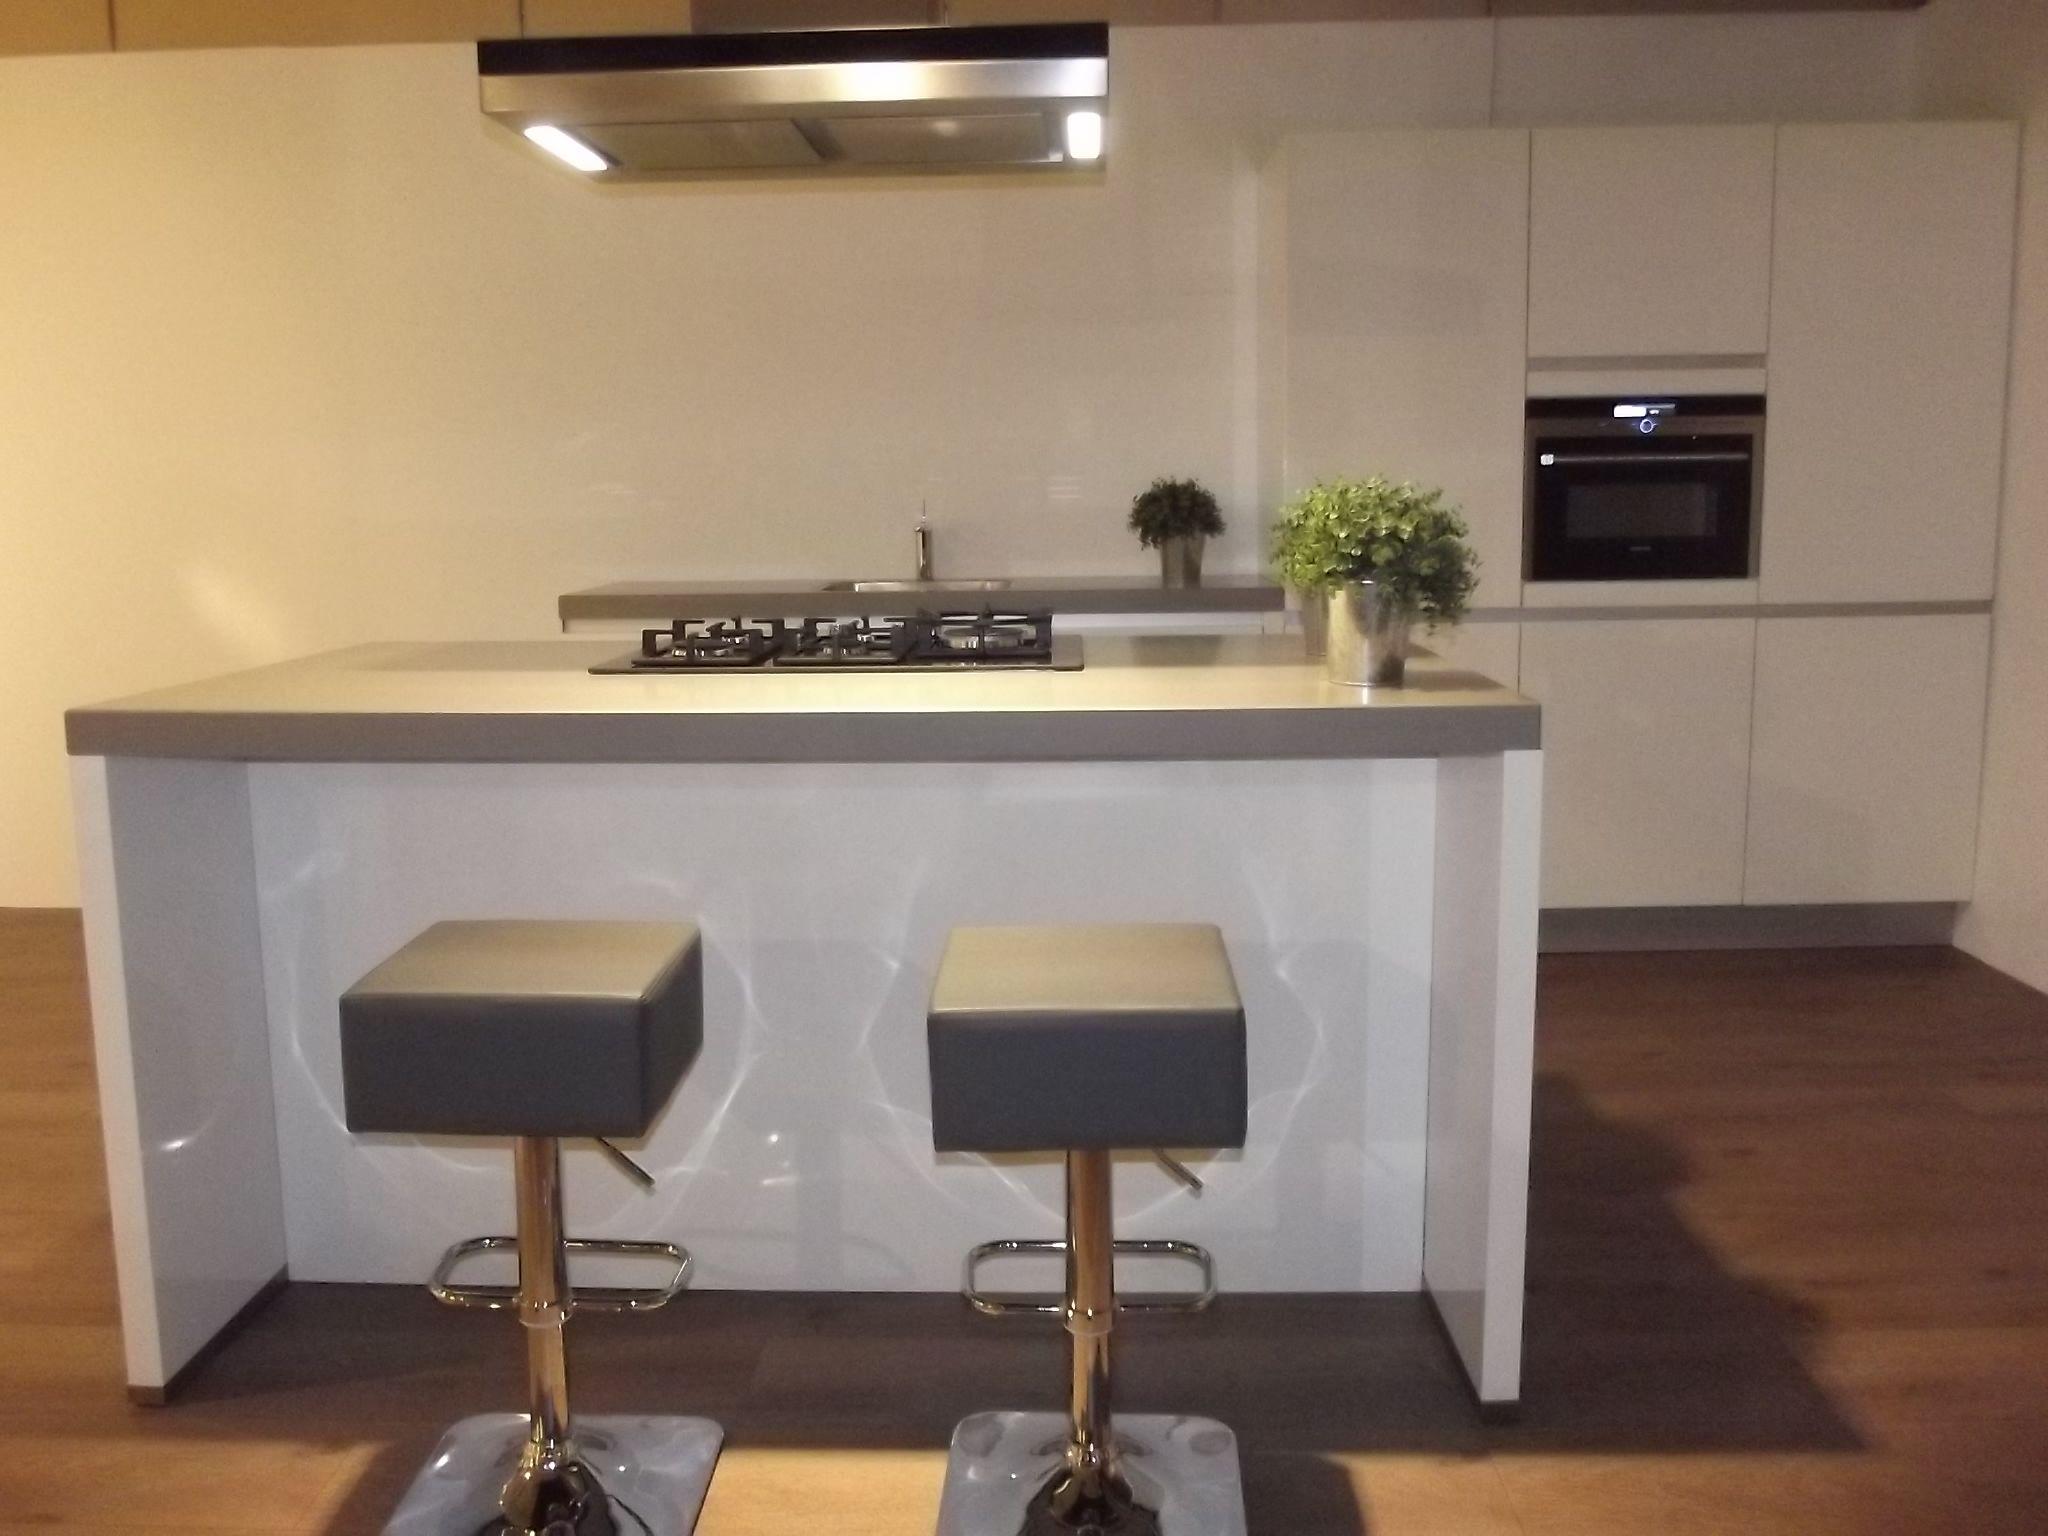 Keukens siemens siematic keuken bekijk alle keukens in de showroom van nederland keuken lucida - Keuken centrum eiland ...